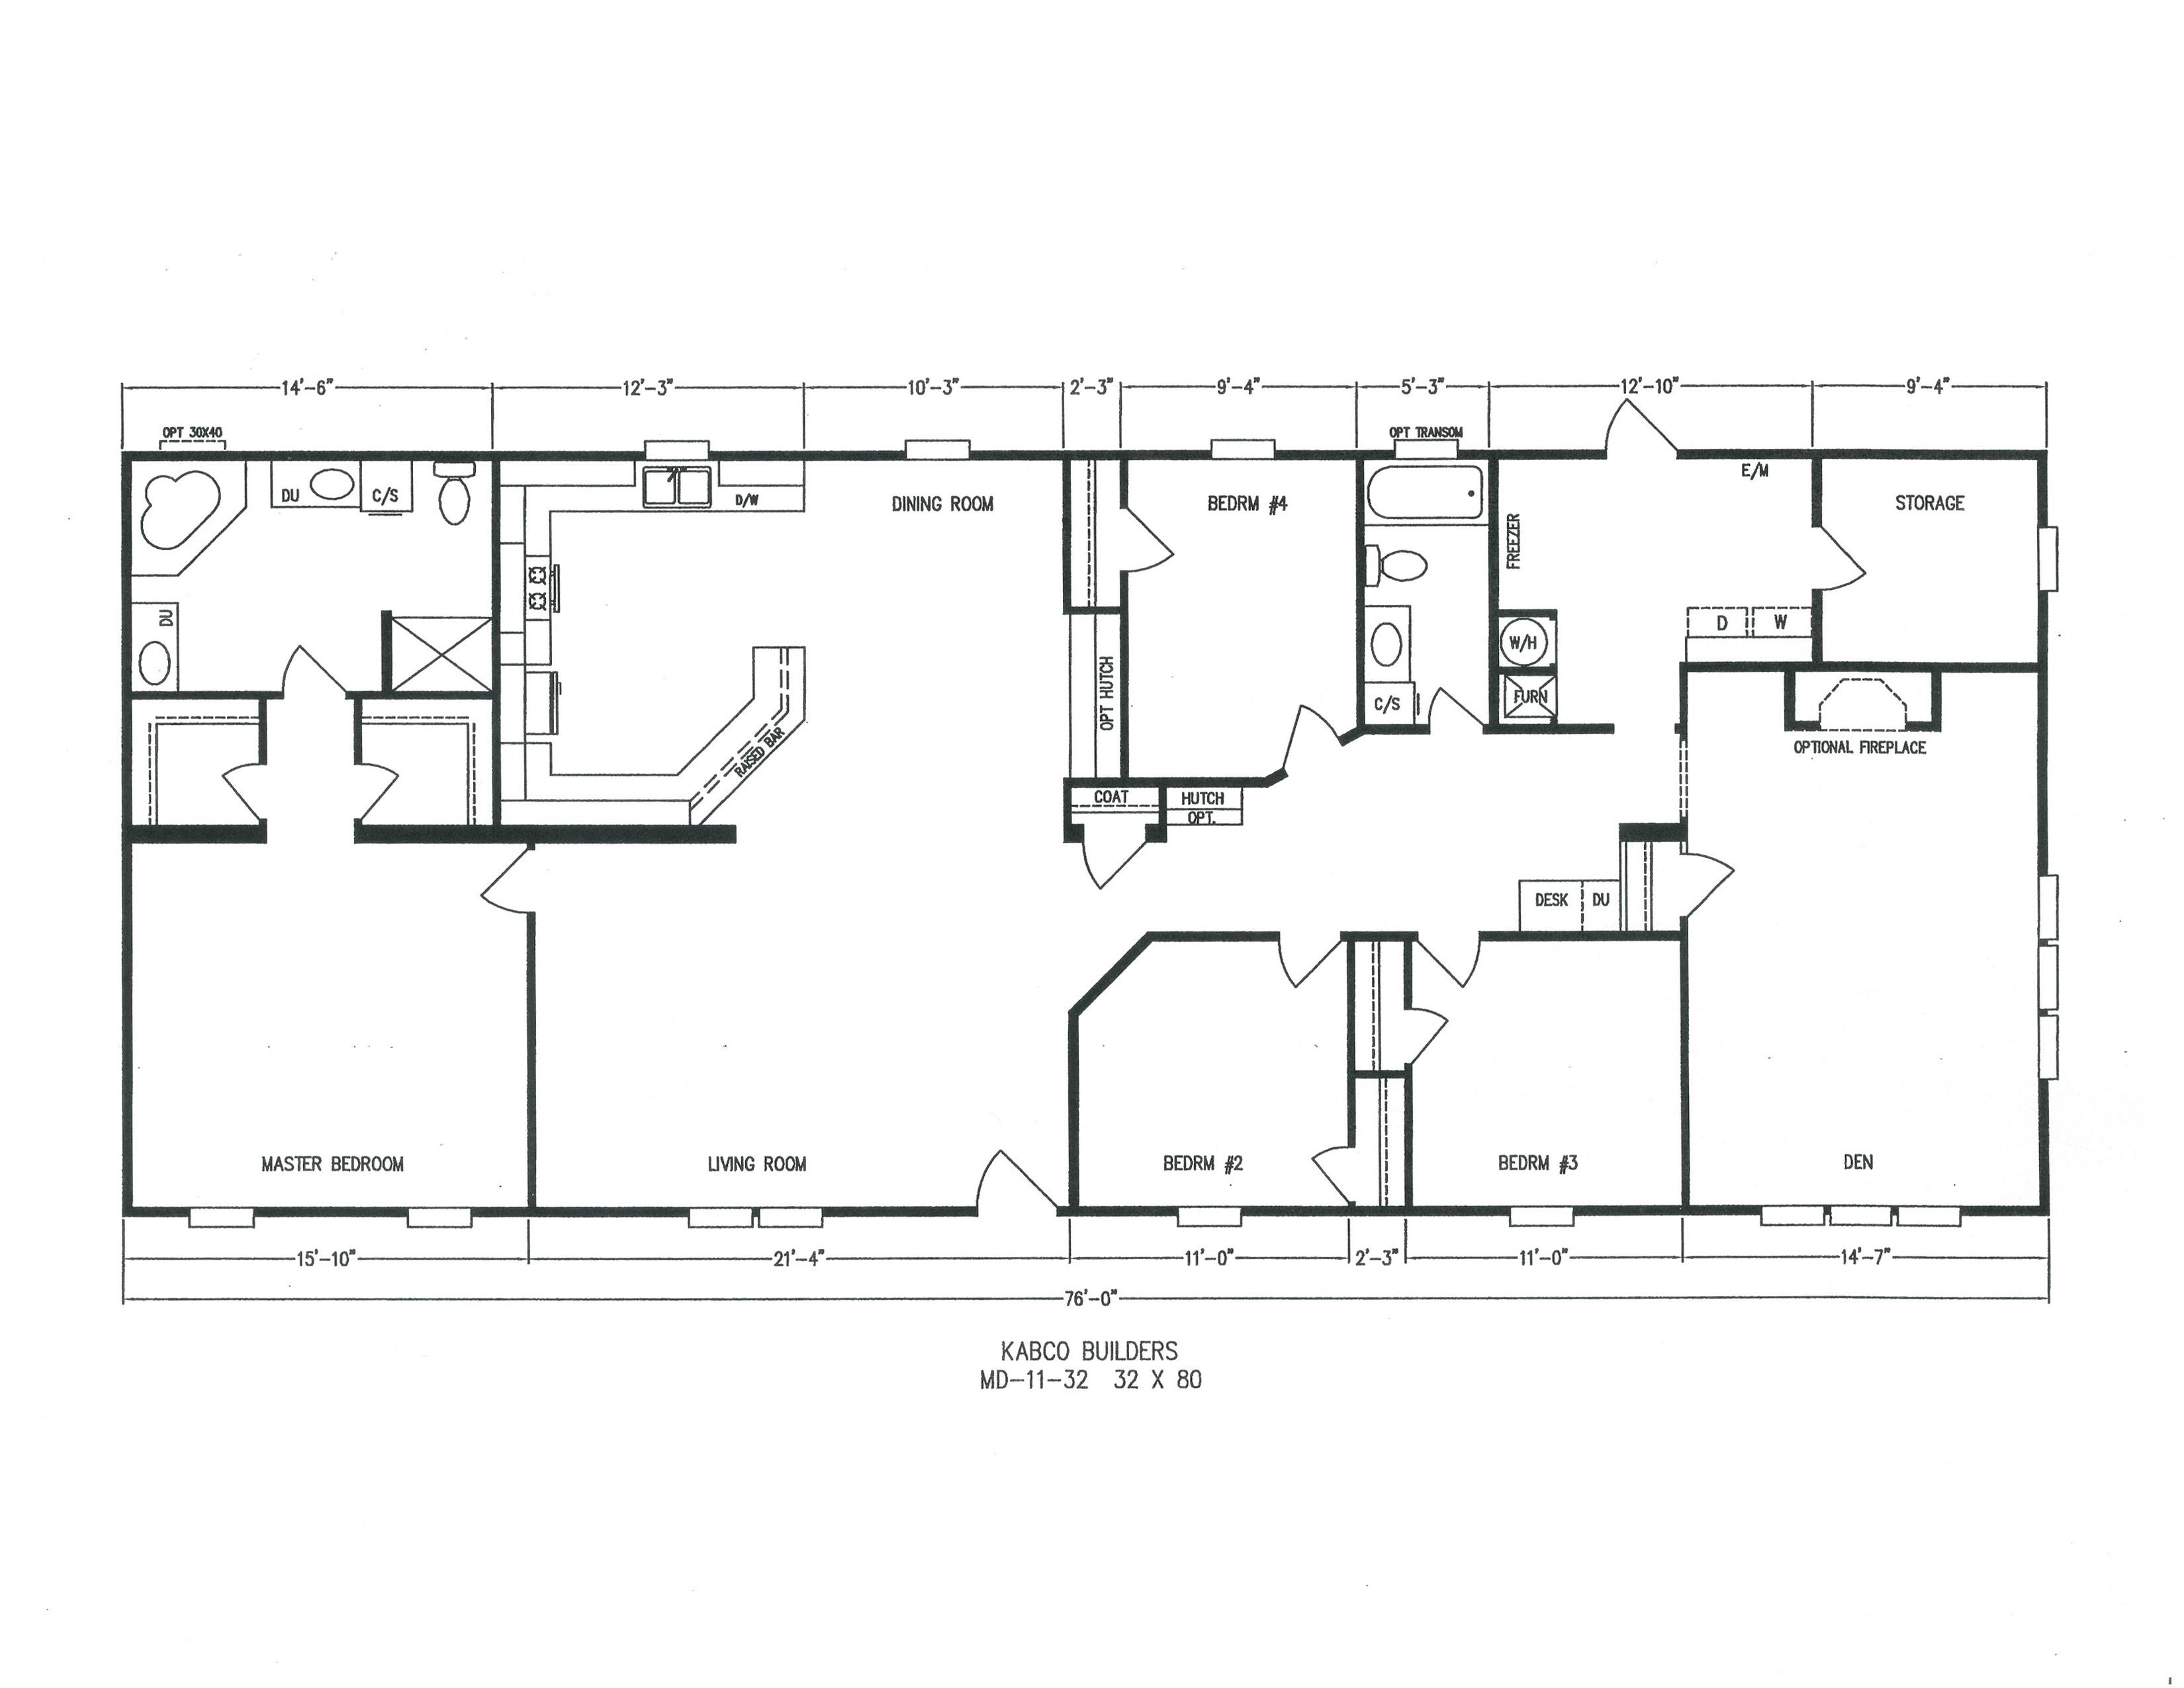 kabco builders - Home Floor Plans